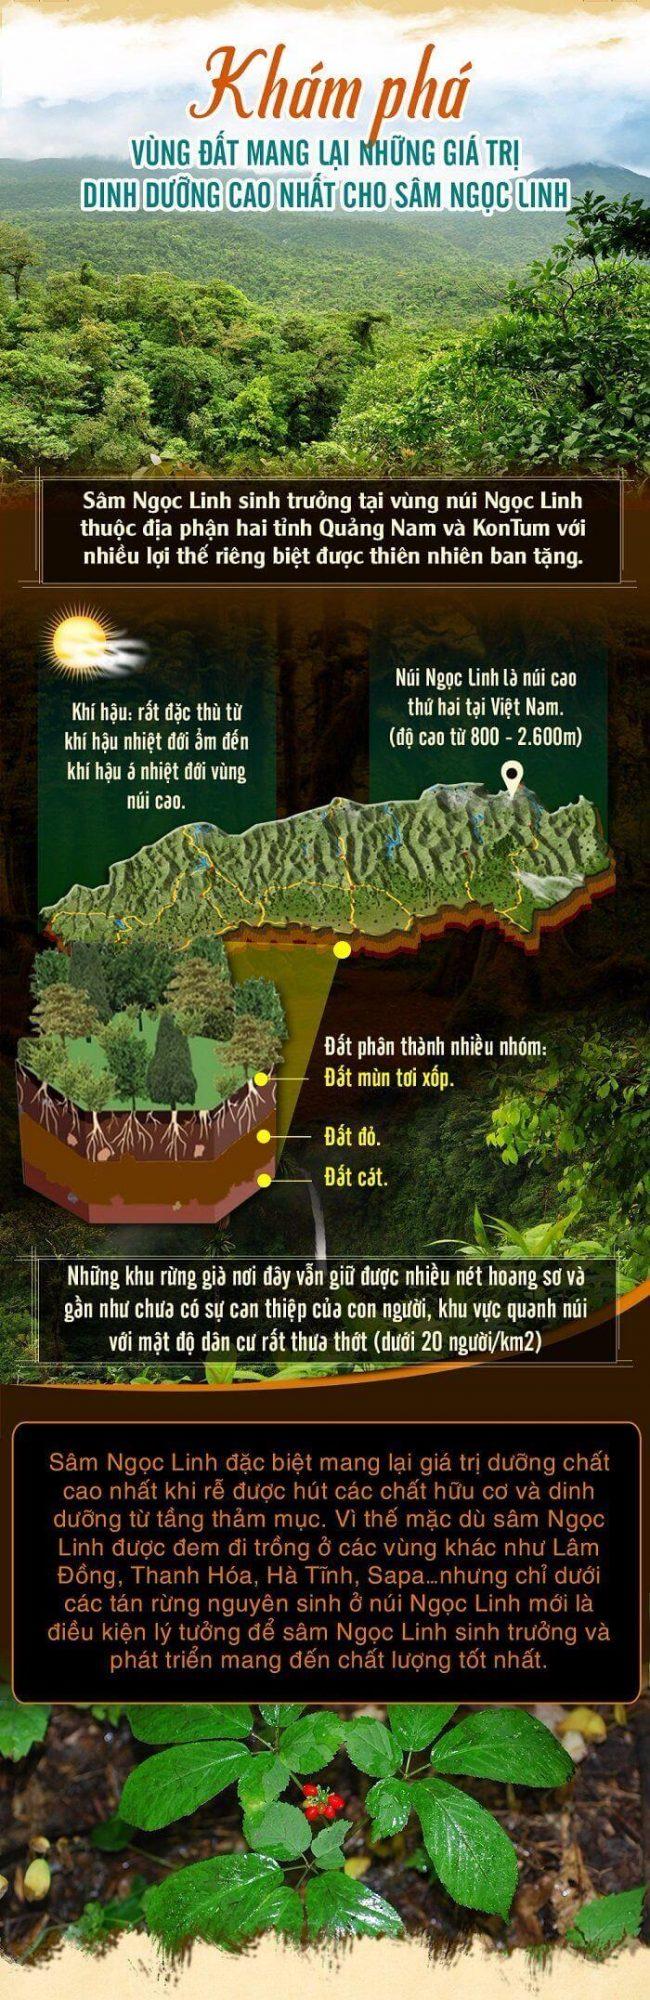 Núi Ngọc Linh mới là nơi sinh trưởng tốt nhất của sâm Ngọc Linh